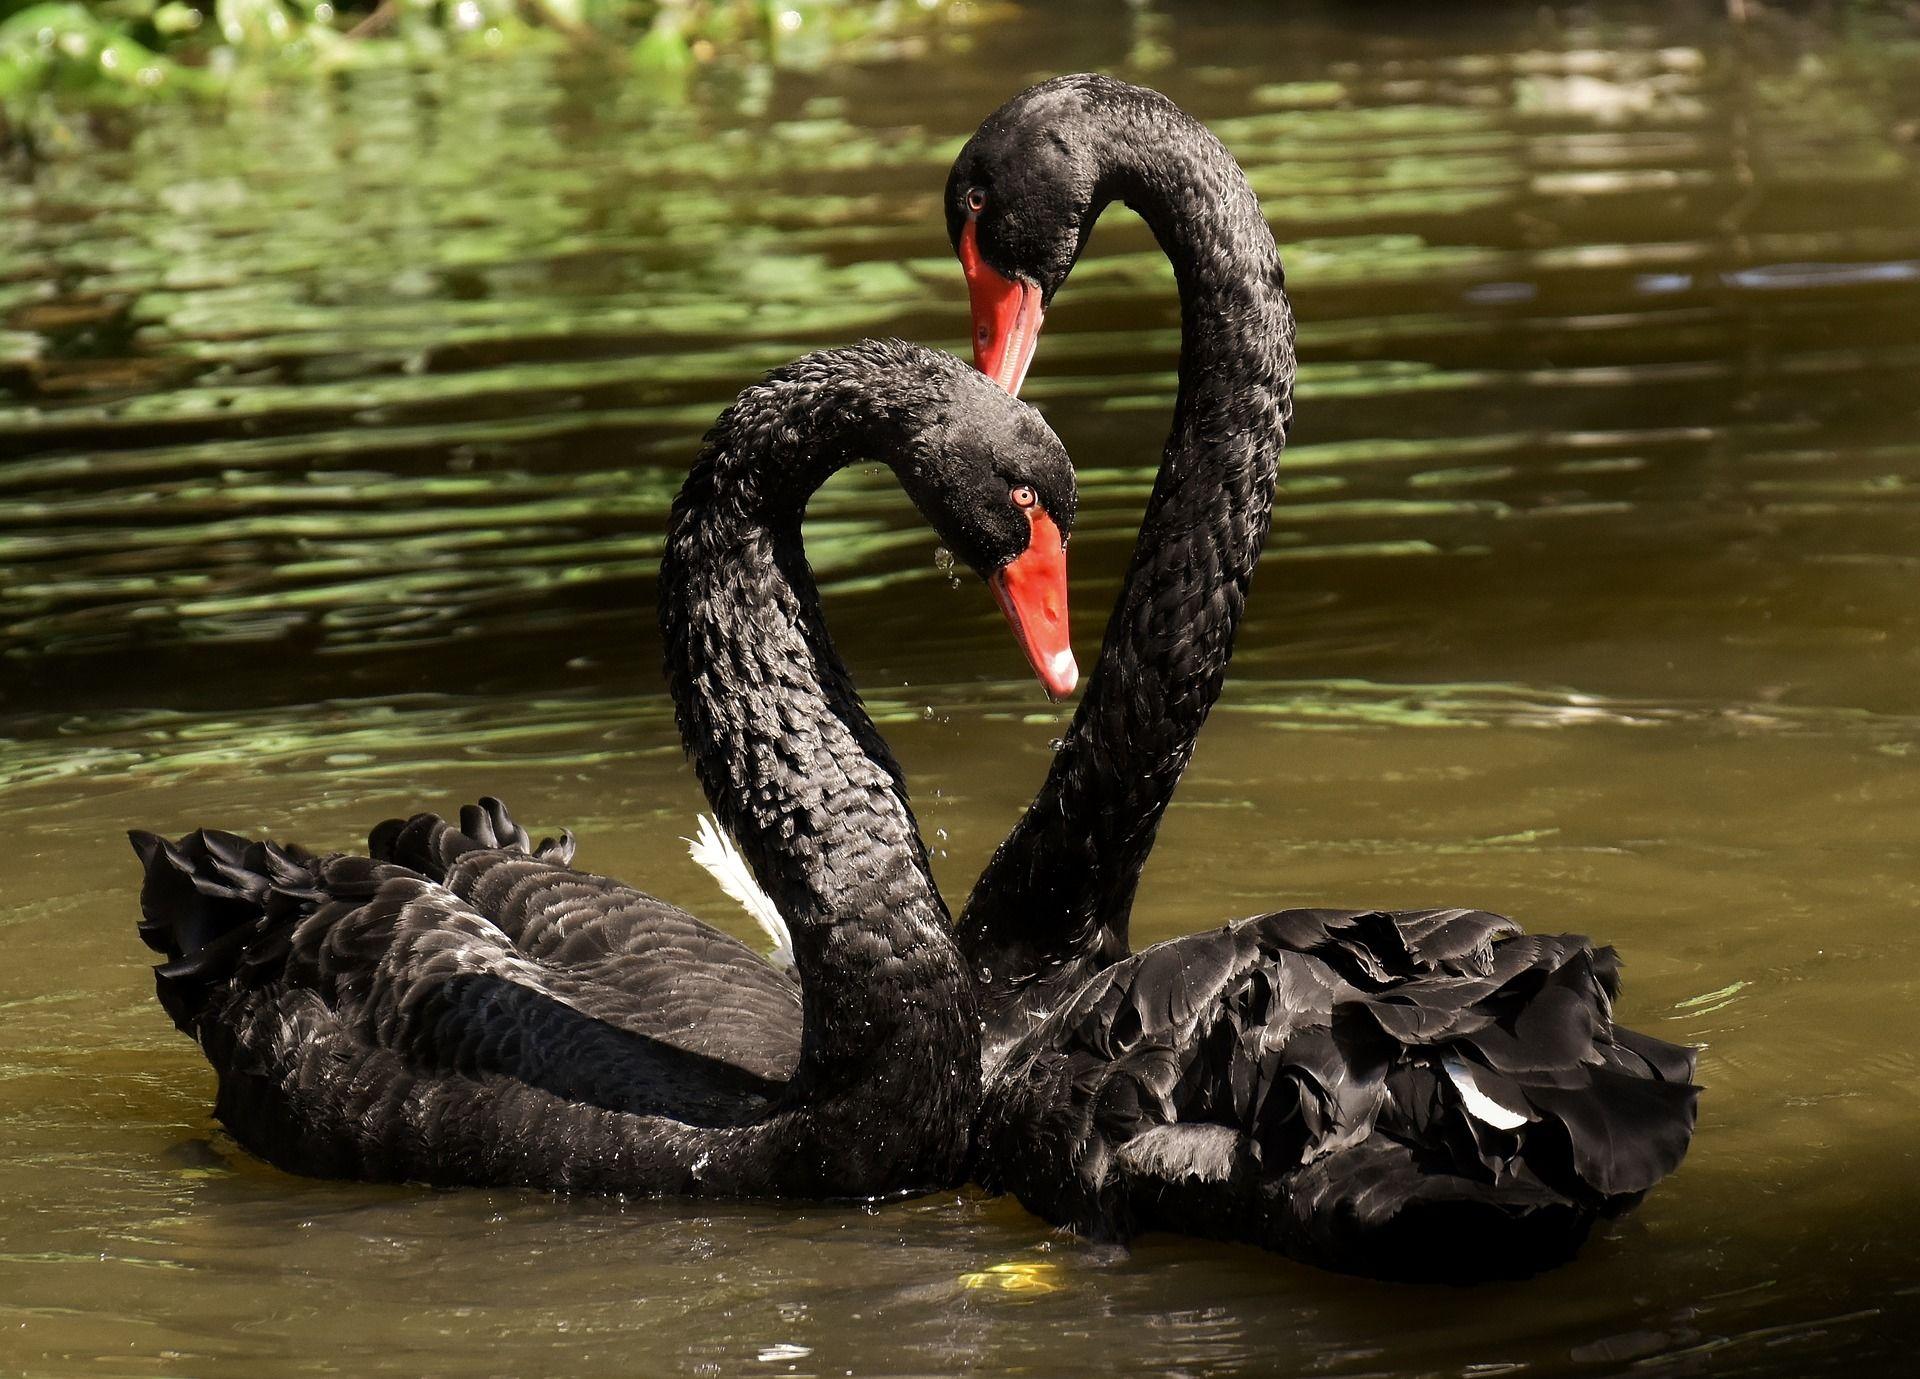 Скачать онлайн бесплатно фото двух черных лебедей и их детеныша